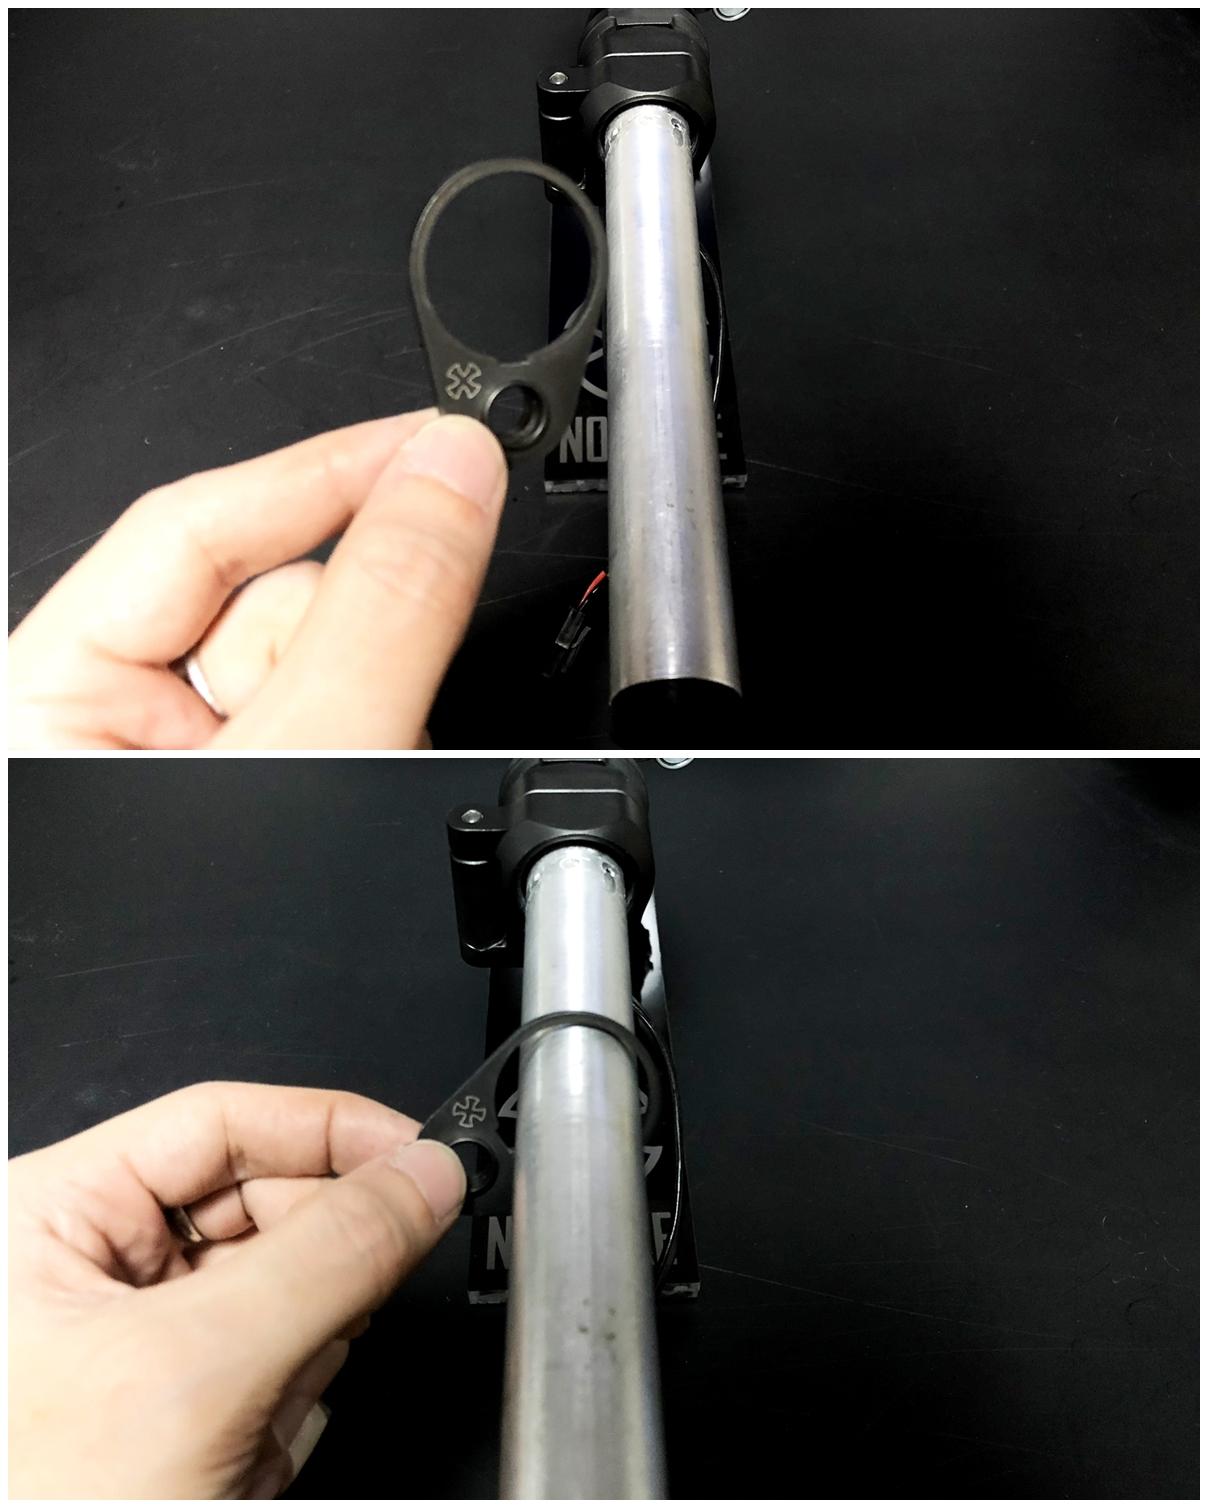 27 次世代 M4 CQB-R 電動ガン 実物 KAK SHOCKWAVE BLADE PISTOL AR-15 ストック 取付 改造 カスタム 大作戦 第7弾完結!! 最終 組み立て作業 & 初速 調整!! 実銃 ストックパイプ AR フォールディング 取付 リコイル